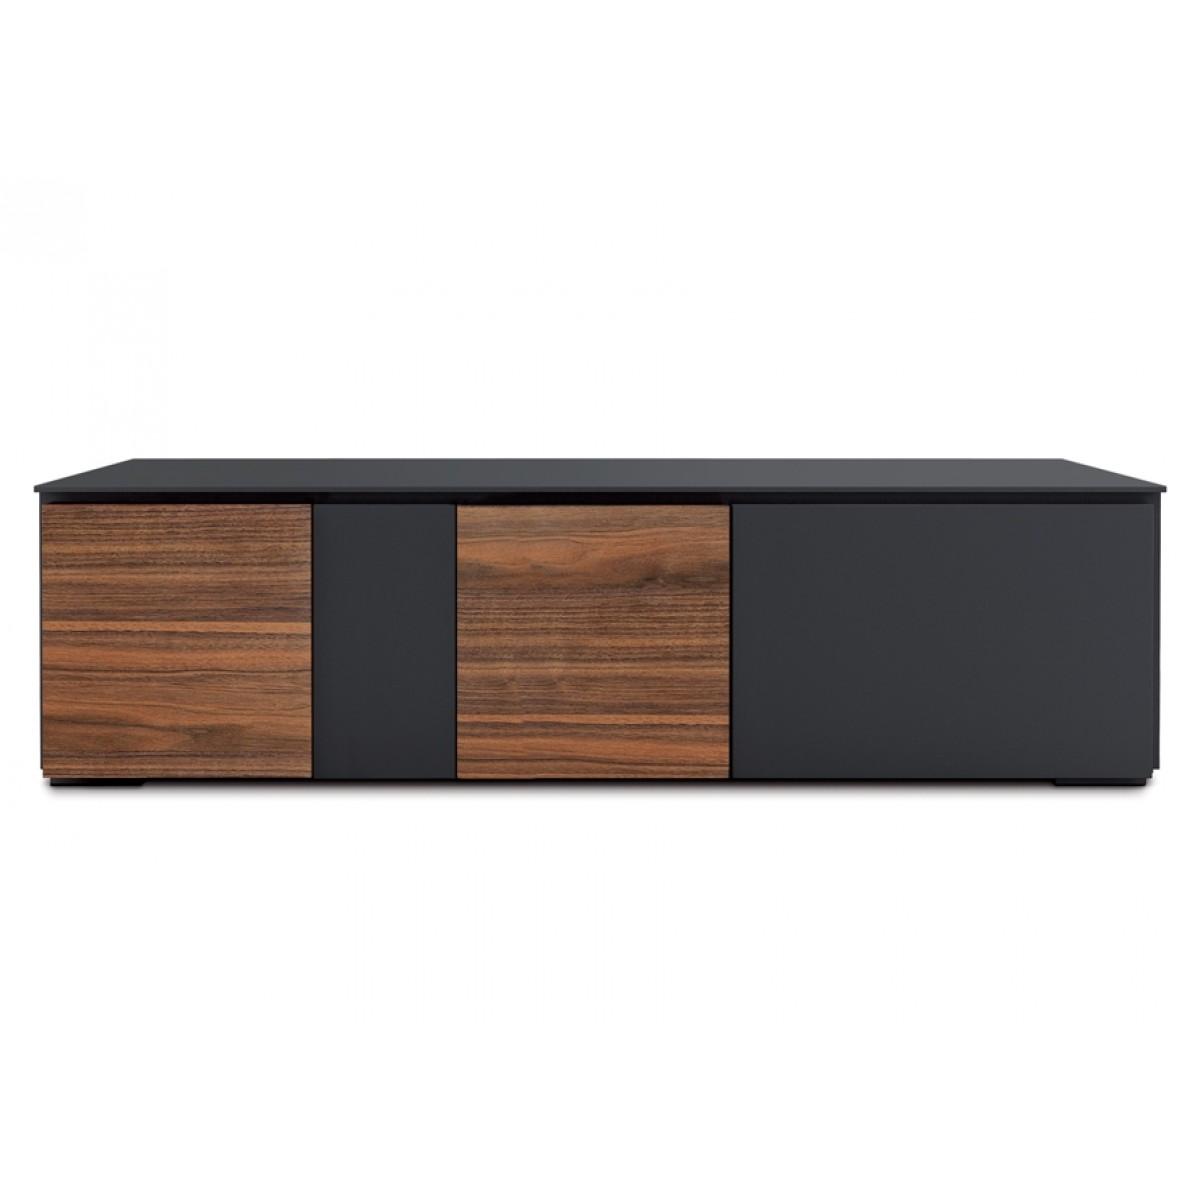 Lowboard Walnuss lowboard schwarz walnuss tv schrank mit vier türen 180 cm